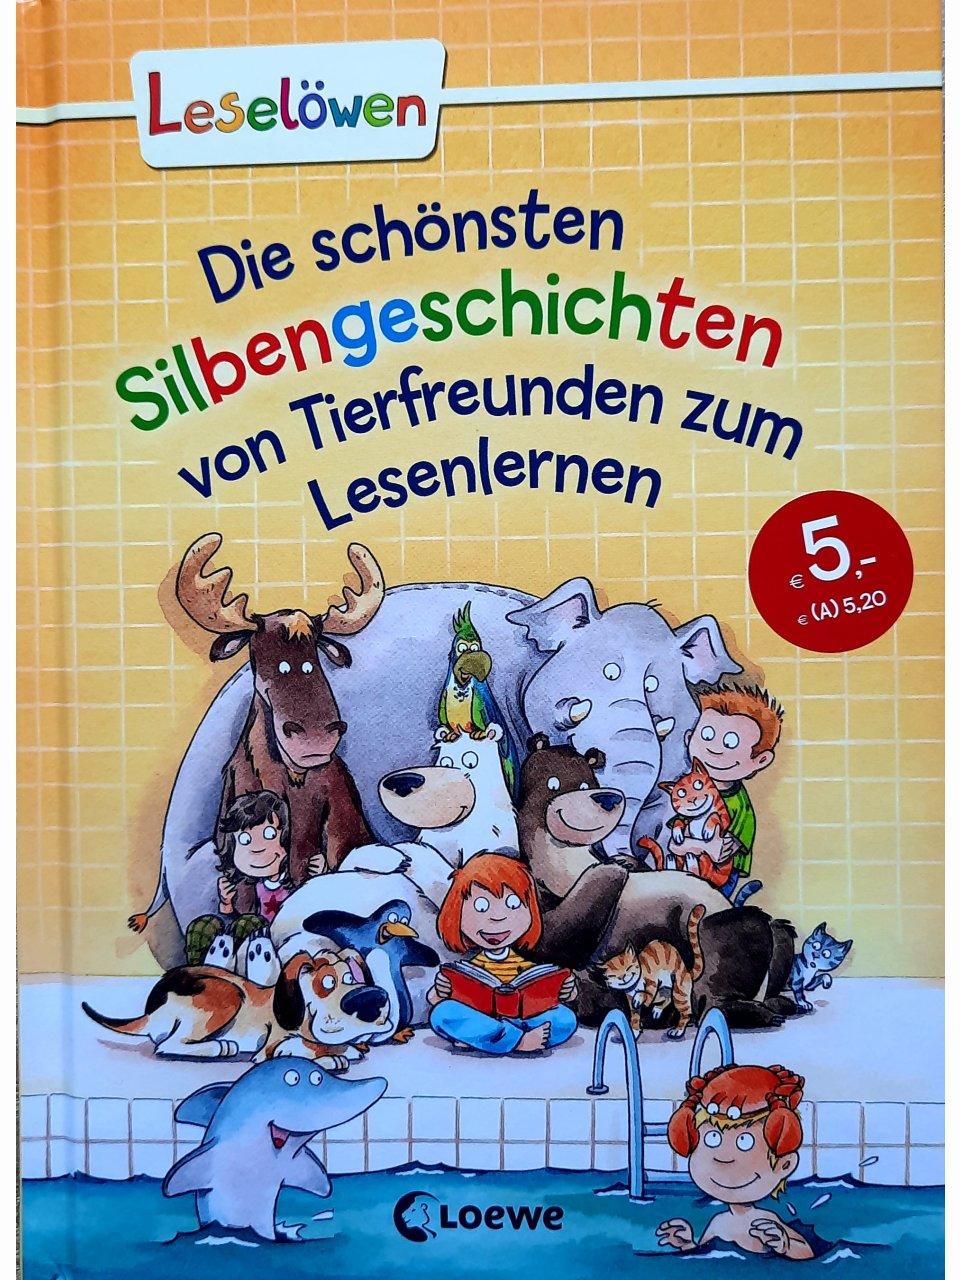 Leselöwen - Die schönsten Silbengeschichten von Tierfreunden zum Lesenlernen